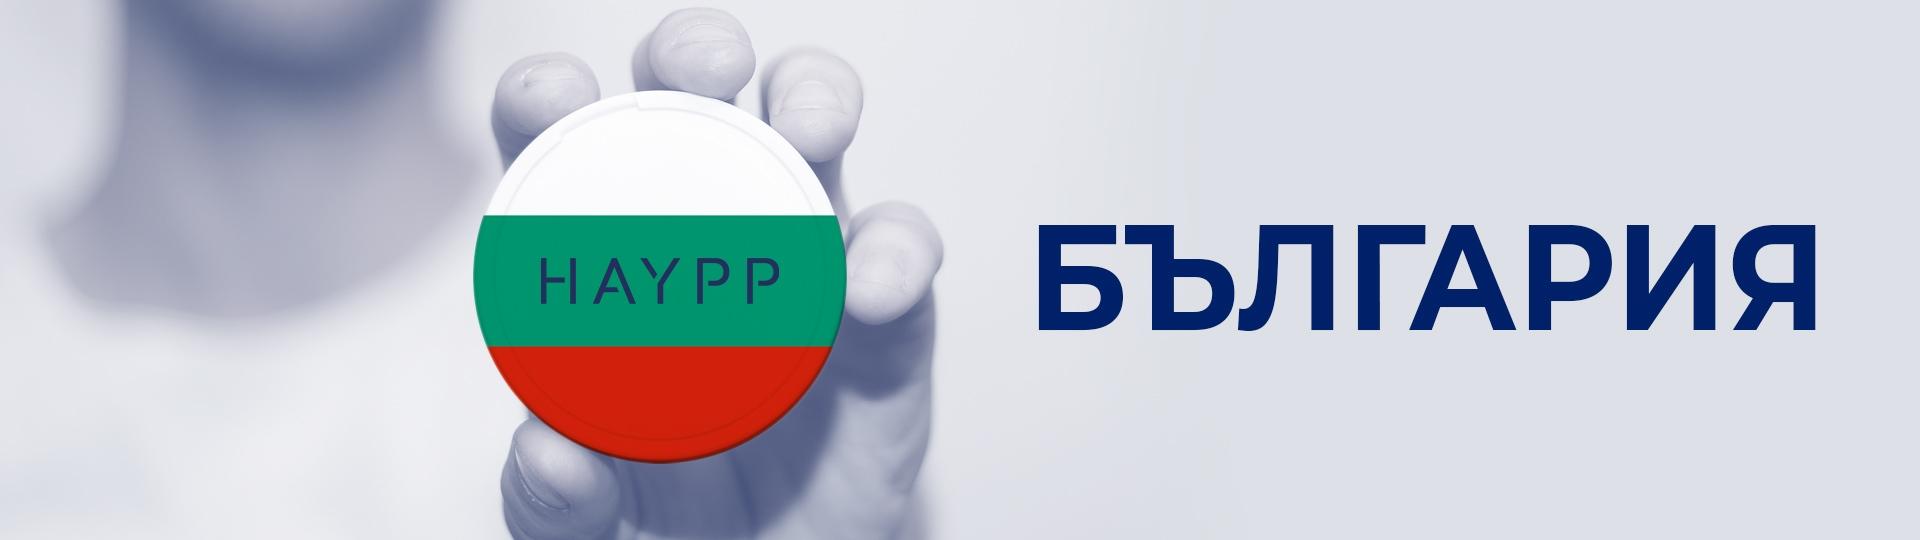 Bulgaria Top Banner